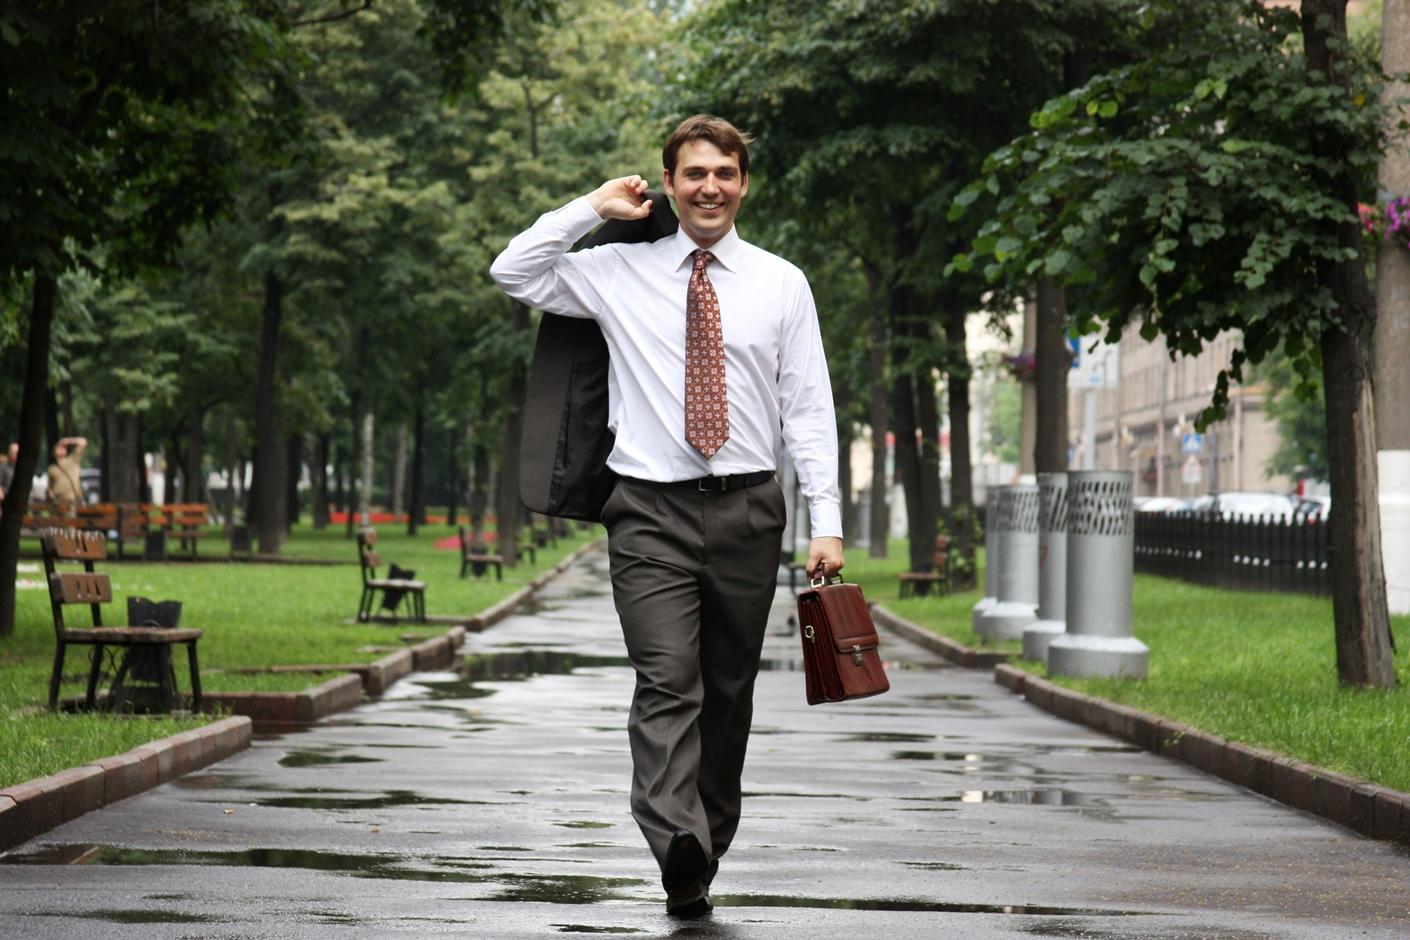 фото человека идущего на работу мимоза сливочным маслом